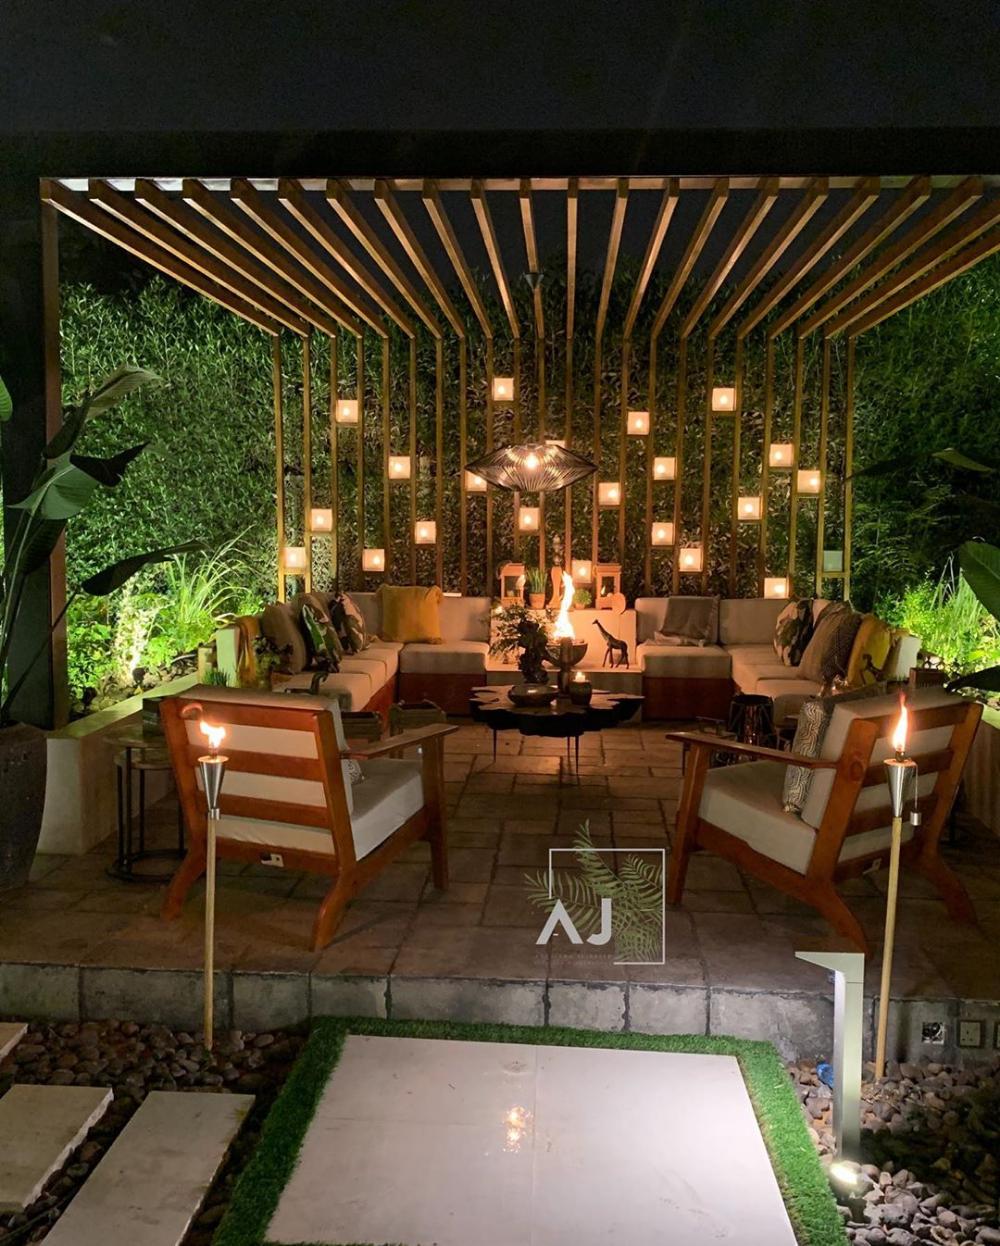 حديقة خلفية لمنزل قبل وبعد تصميم وتنفيذ عبدالله الجاسر Festoon Lighting Outdoor Decor Outdoor Furniture Sets